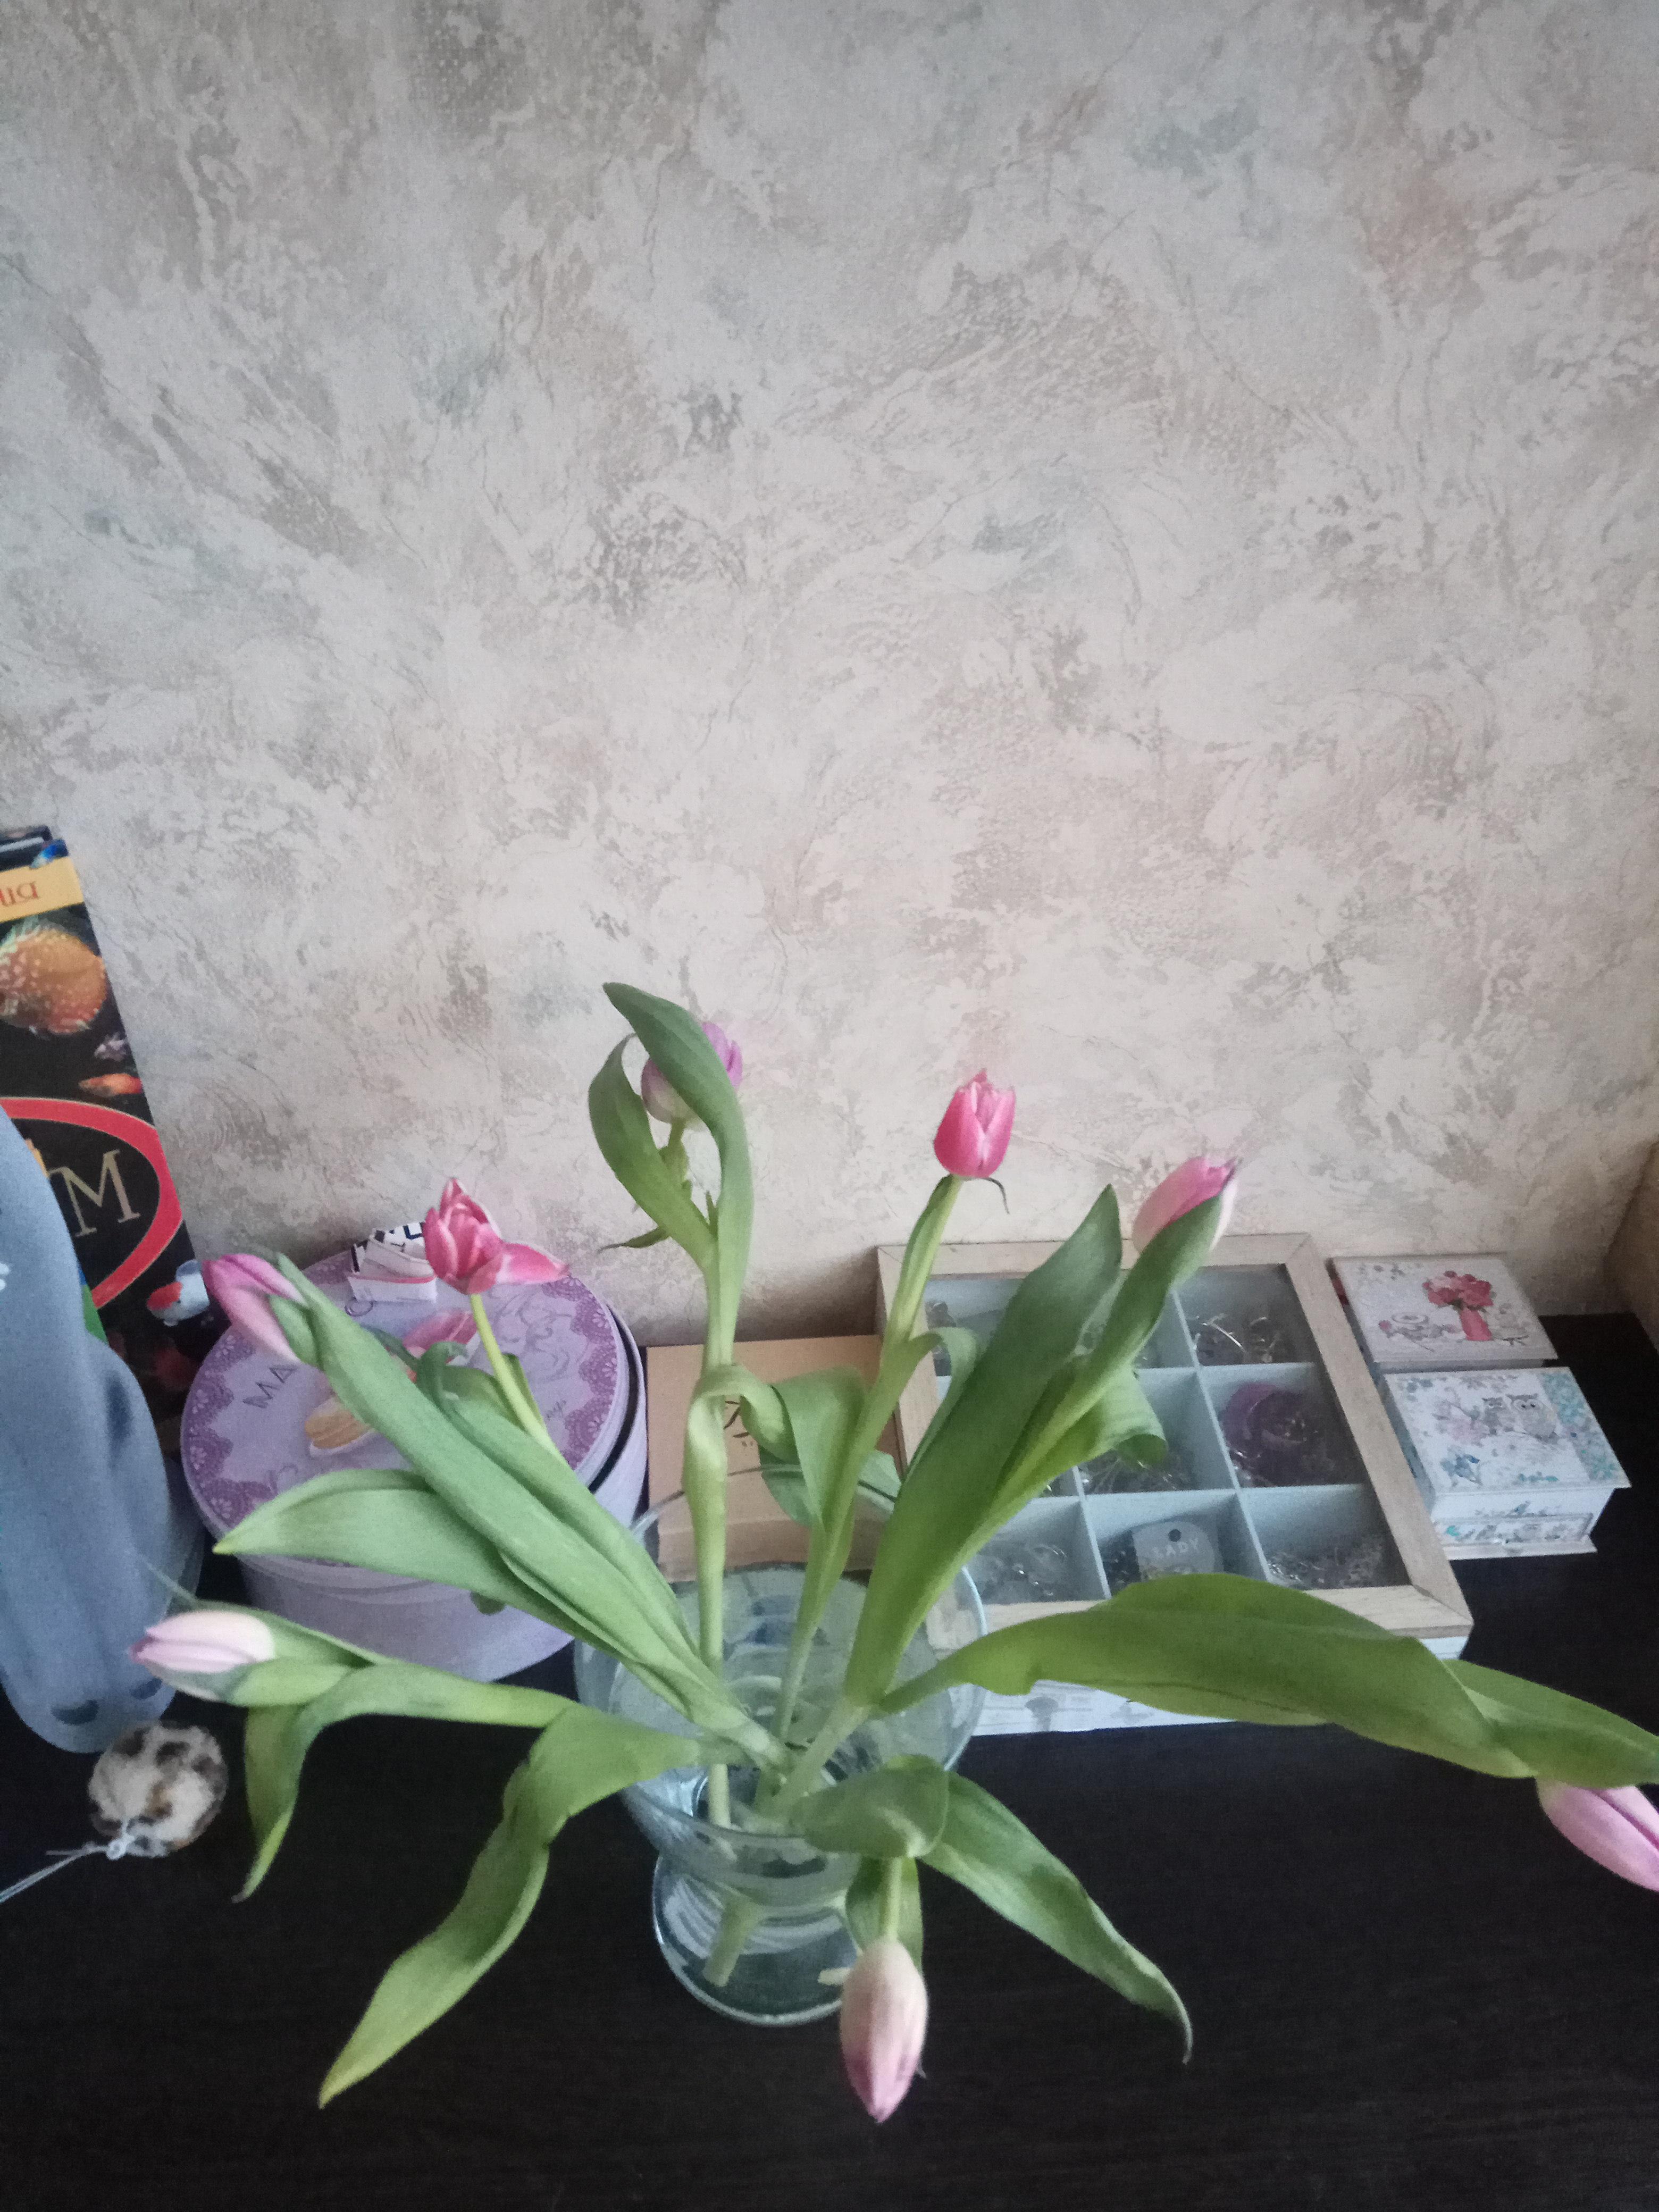 Весна, весна! Цветы, цветы!. Блиц: весенние цветы